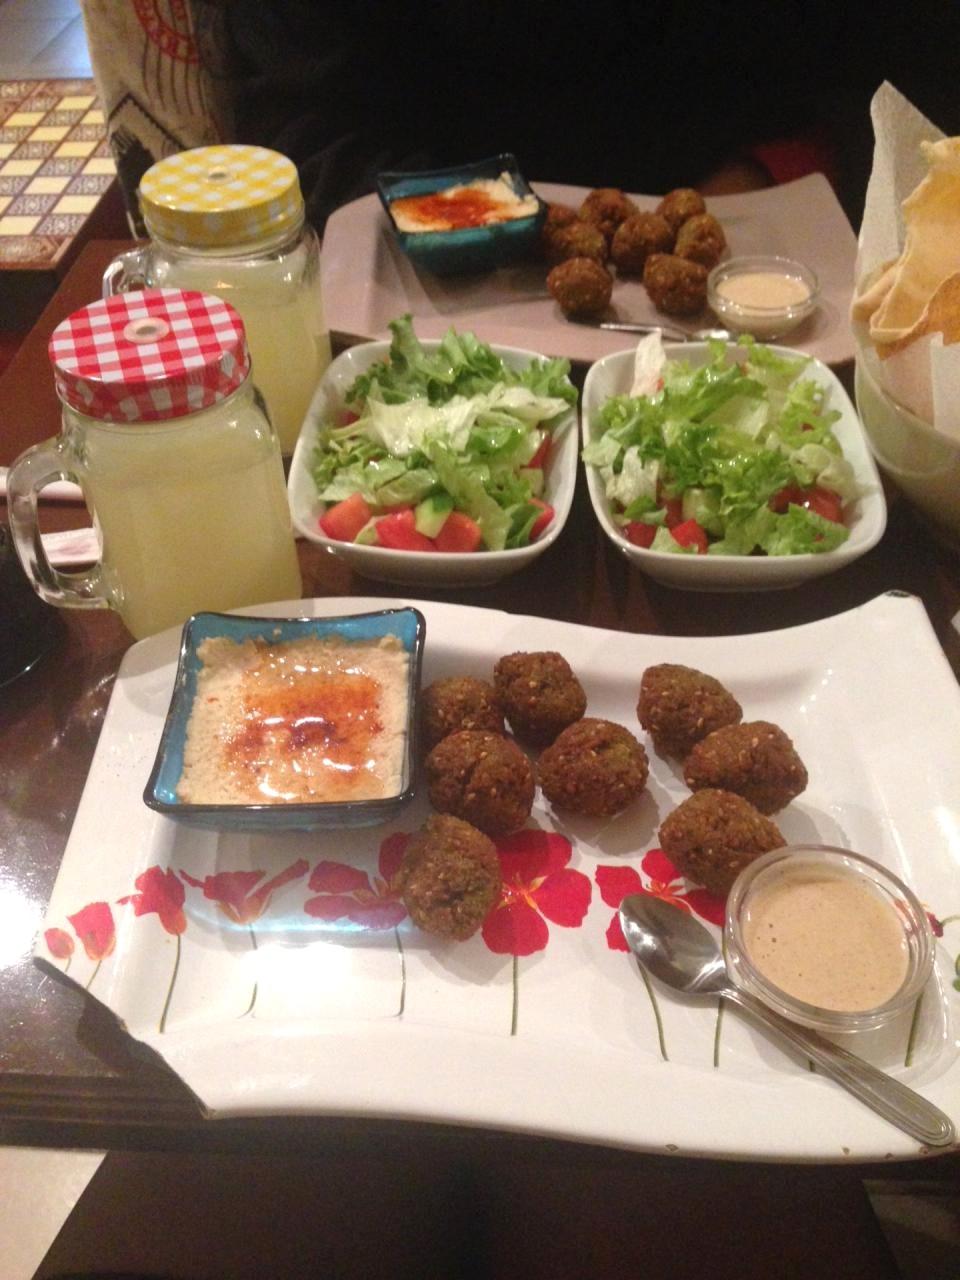 falafel menü ve ev yapımı limonata...anne yemeği lezzetinde